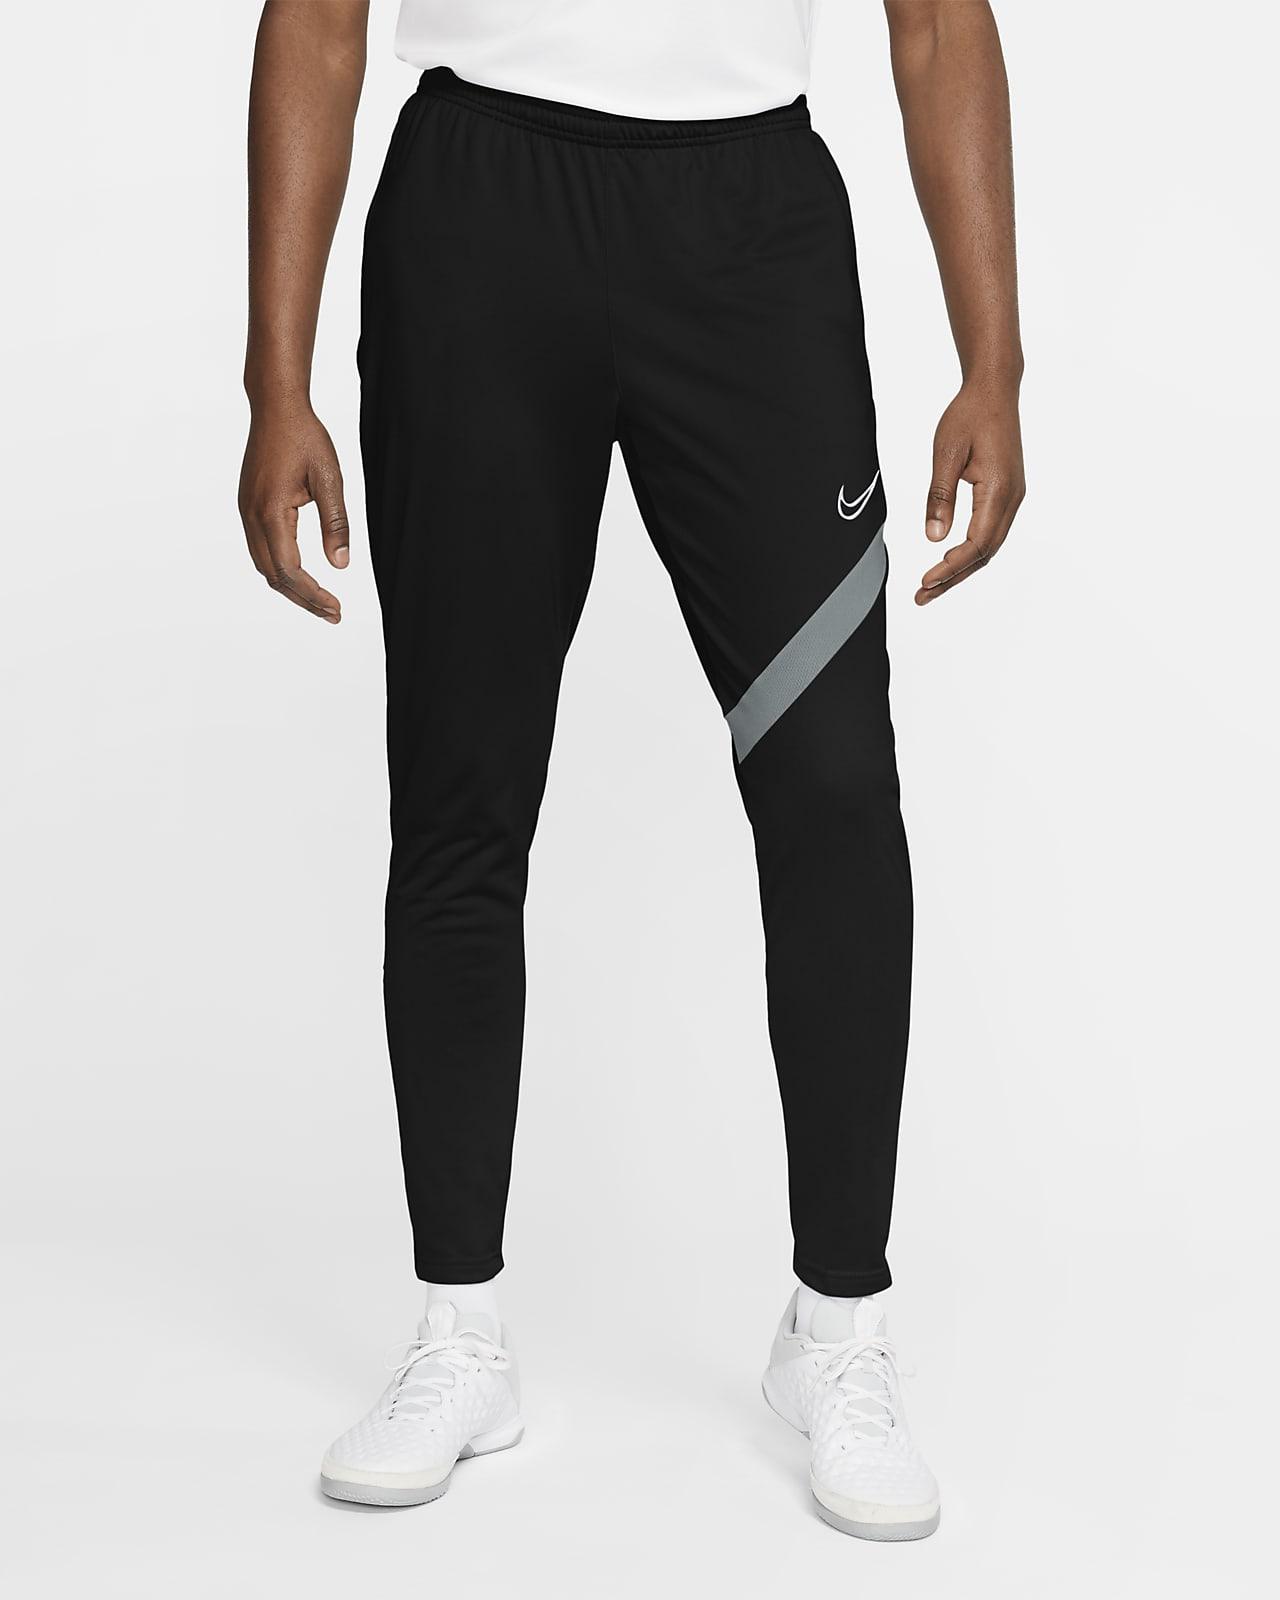 Pánské fotbalové kalhoty Nike Dri-FIT Academy Pro